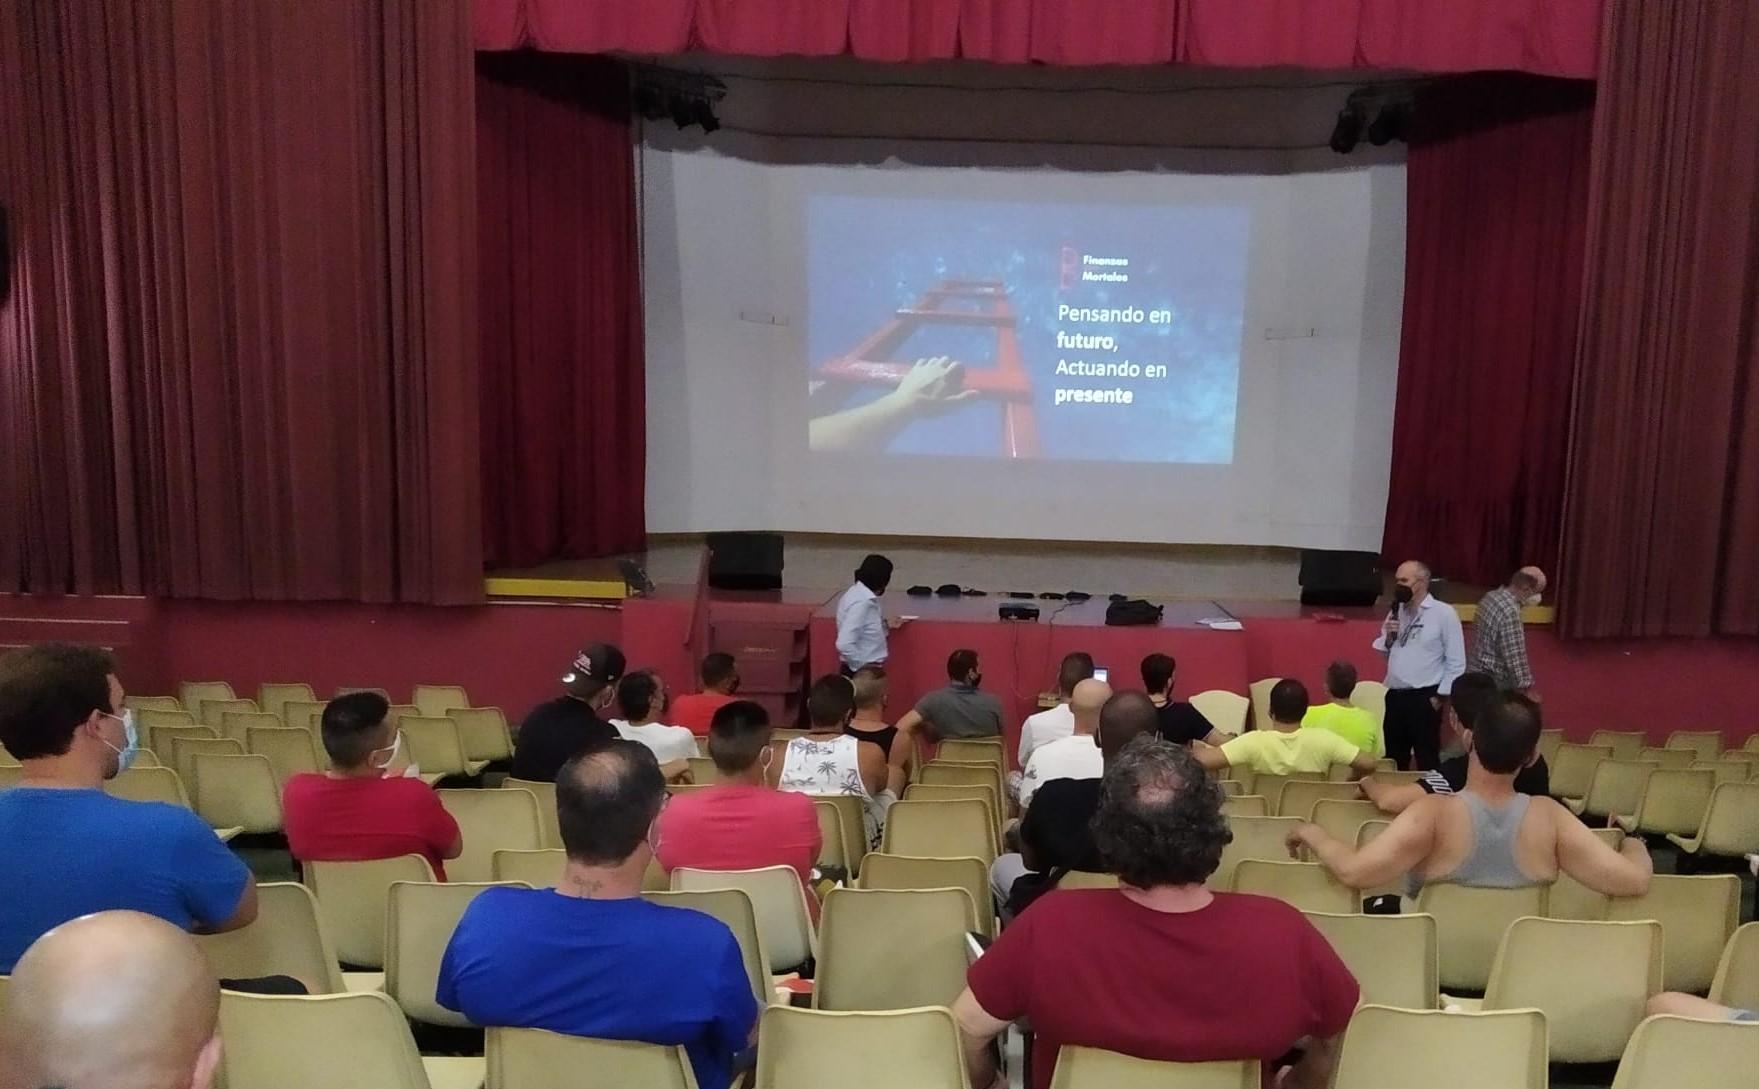 Una de las sesiones impartidas del taller de Educación Financiera impulsado por Banco Santander en el centro penitenciario de Picassent (Valencia).